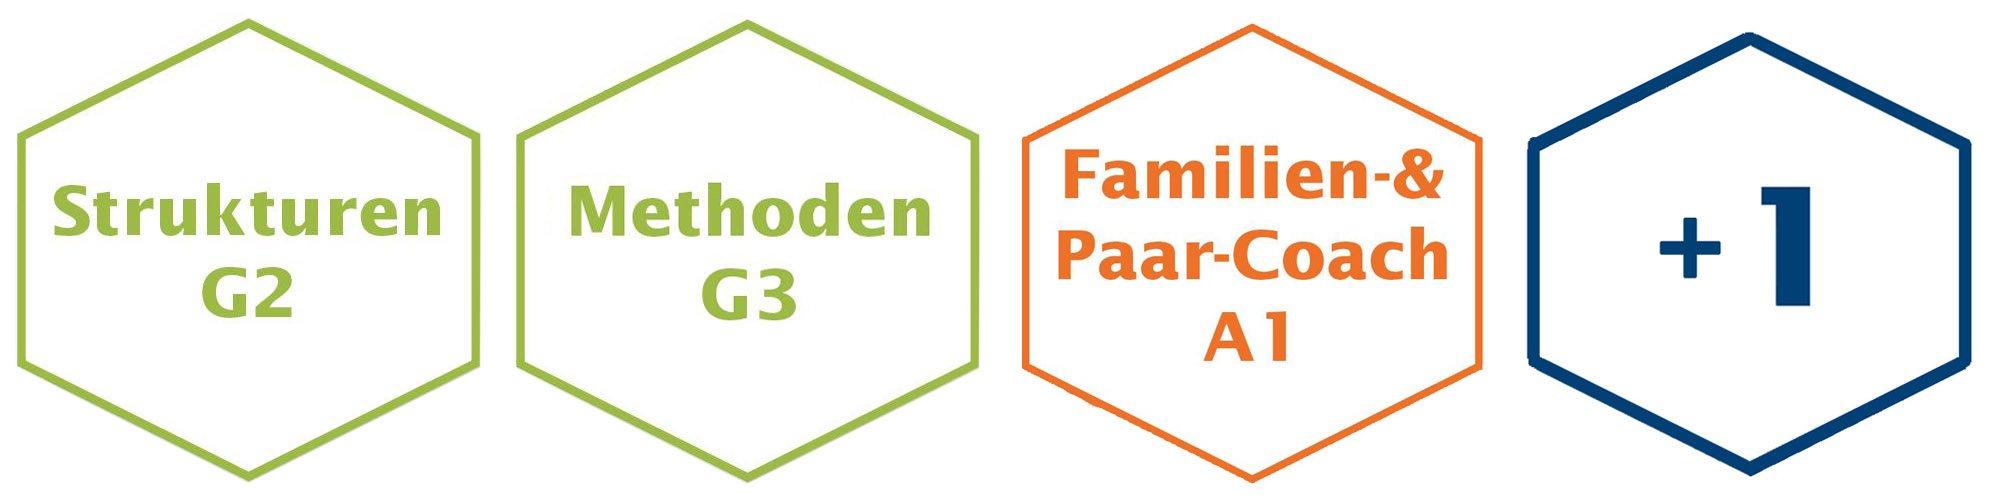 Familiencoach und Paarcoach Ausbildung Module